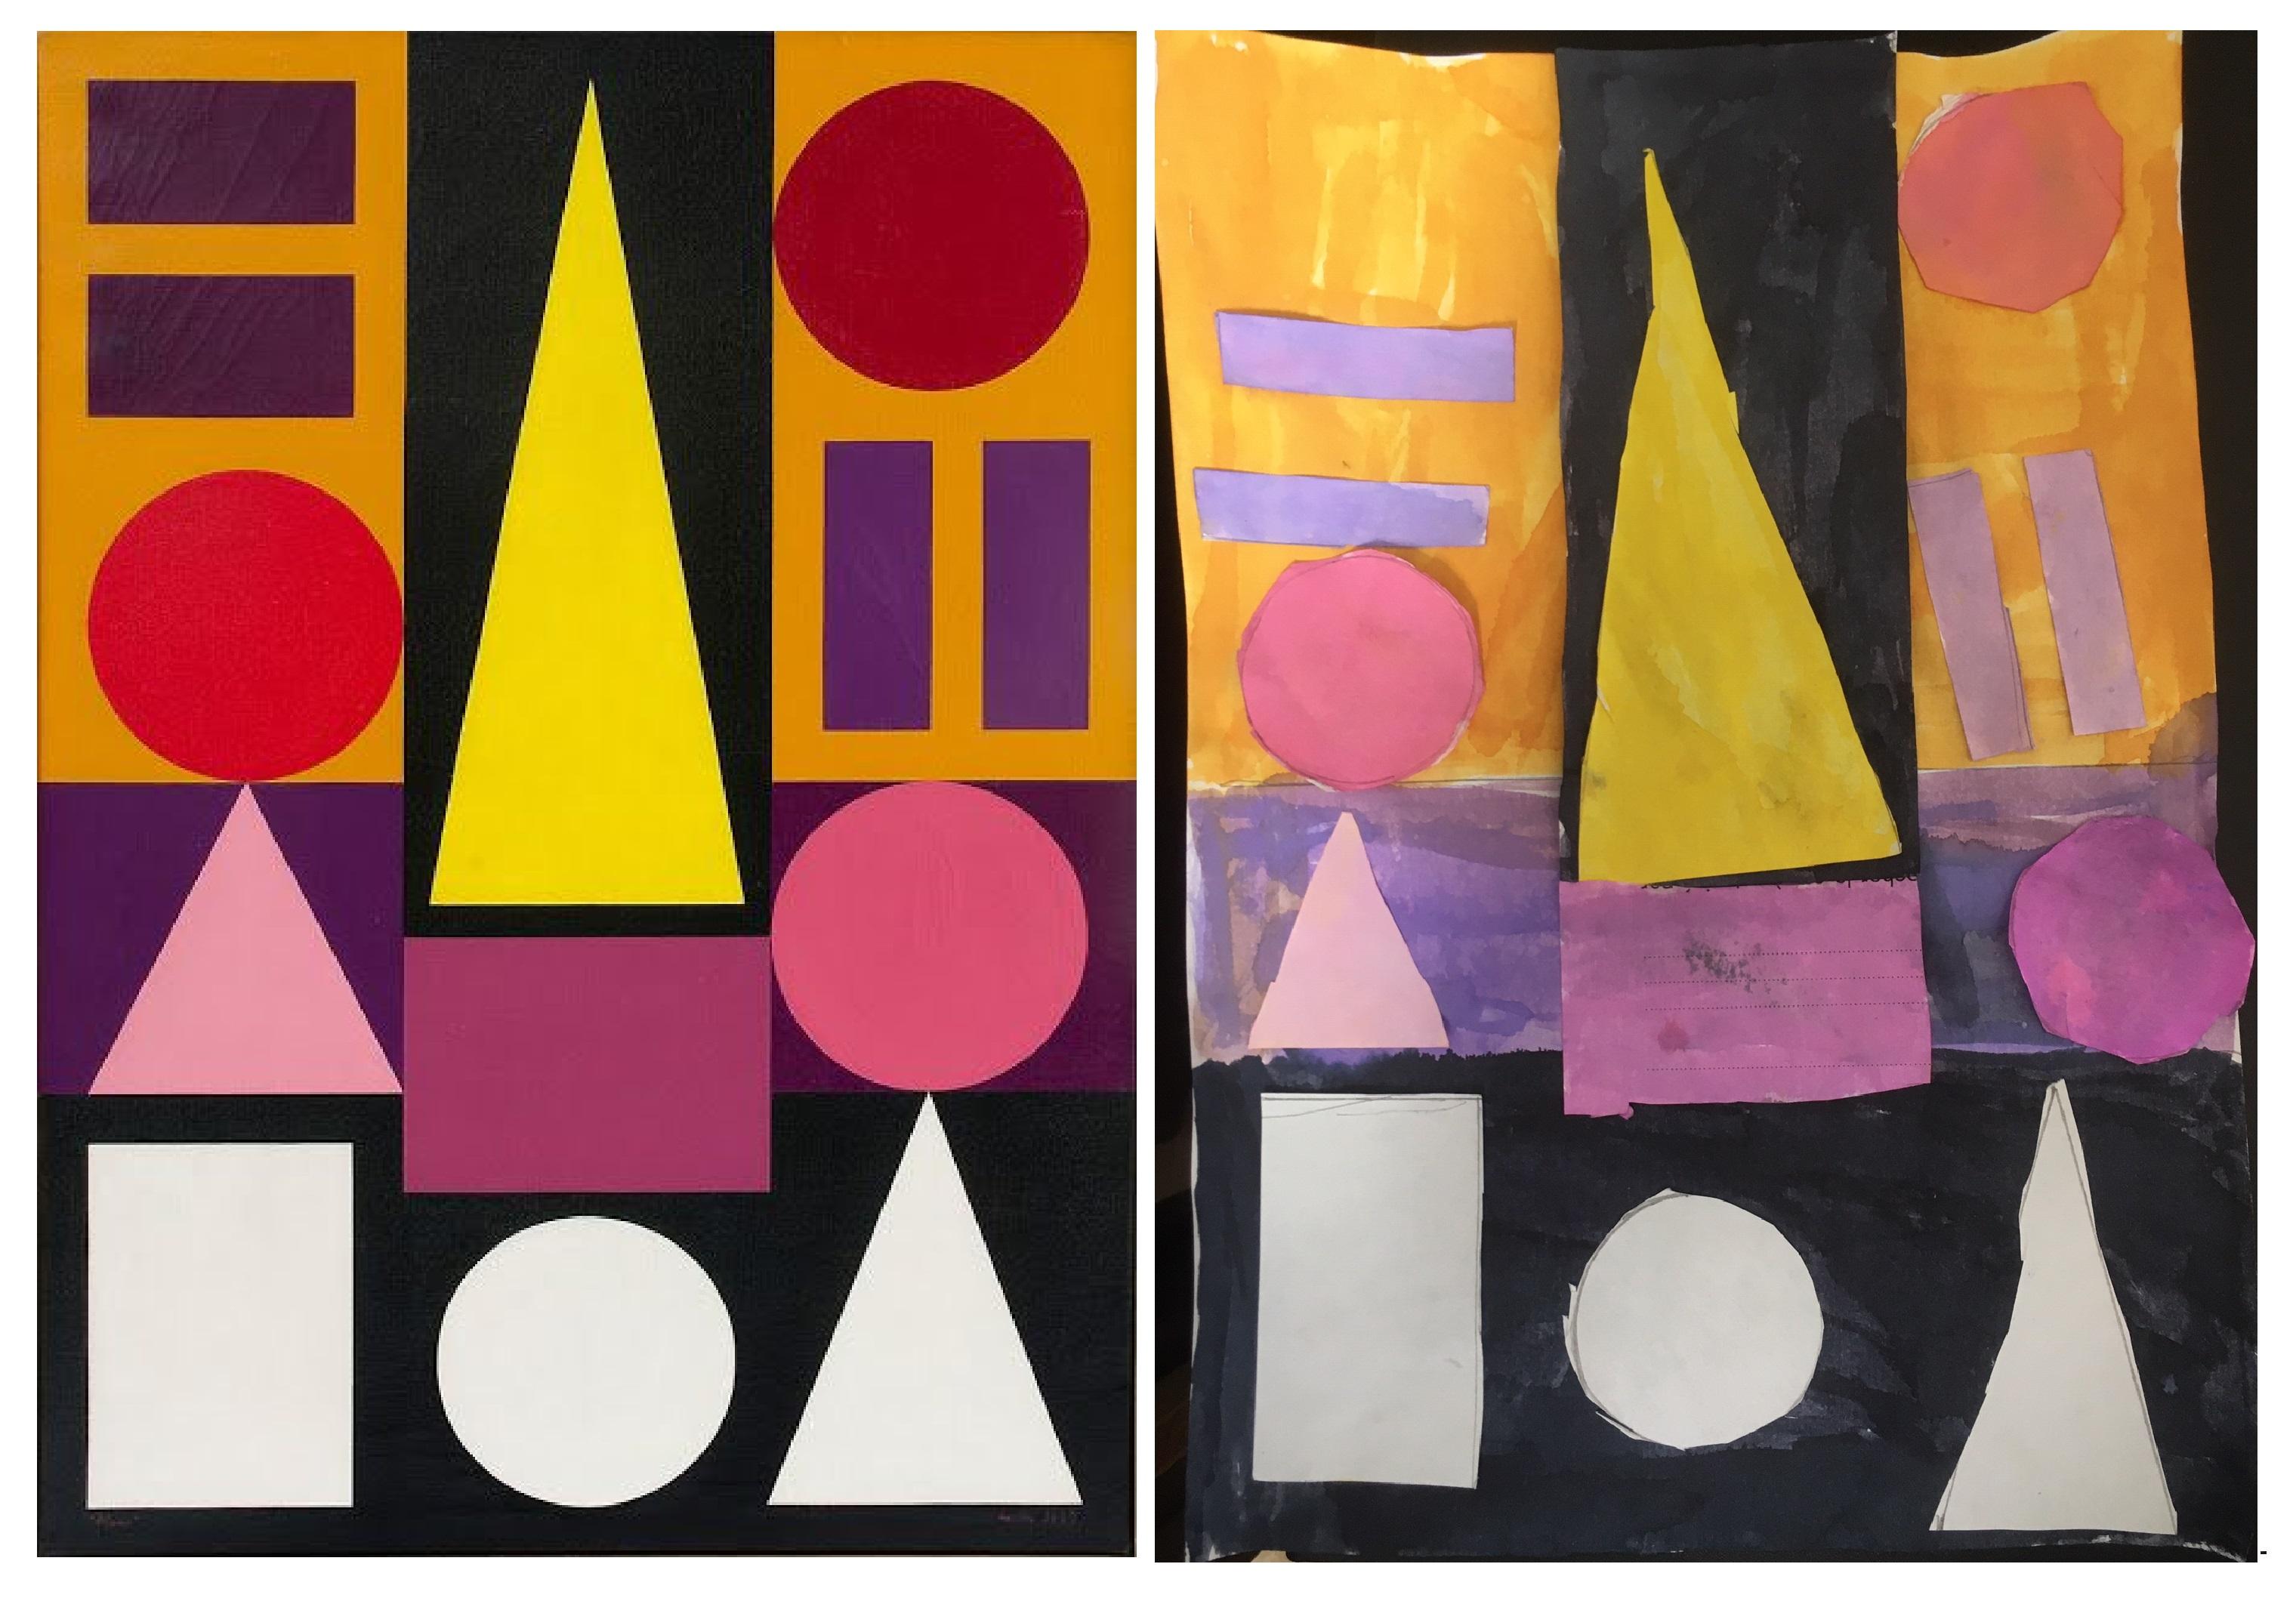 A gaudhe de l'image, l'original du tableau de Auguste Herblin, sur fond noir, des figures géométriques sont dessinées en couleur (rond , carré, triangle, symbole égal), à droite de l'image, la reproduction quasi similaire de Aurore, 7 ans